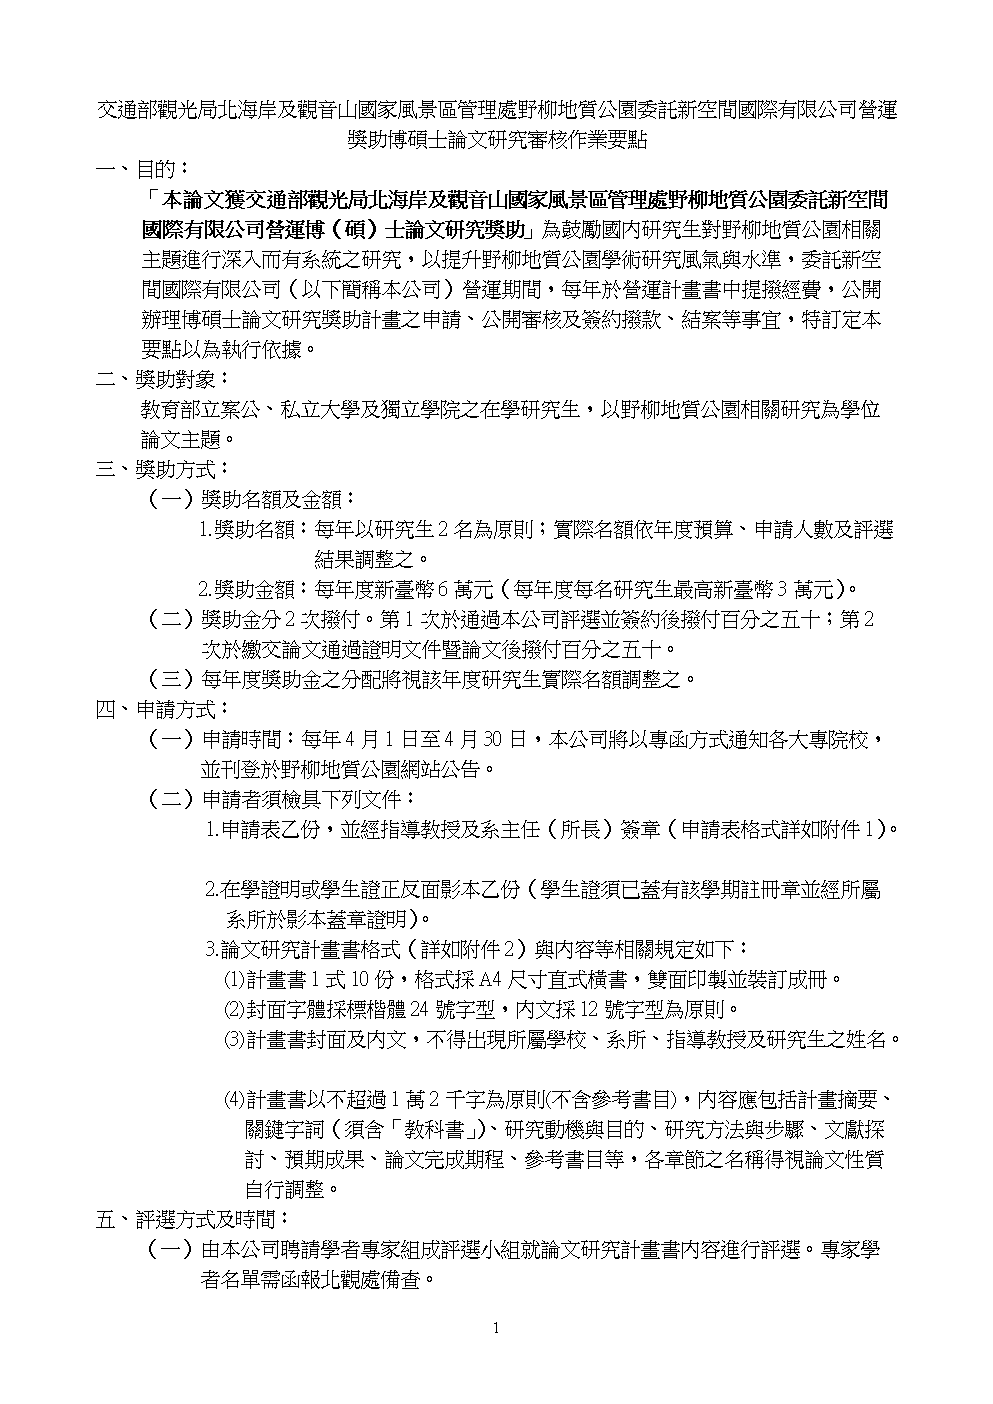 柳地質公園委托新空間國際有限公司營運獎助博碩士論文研.doc